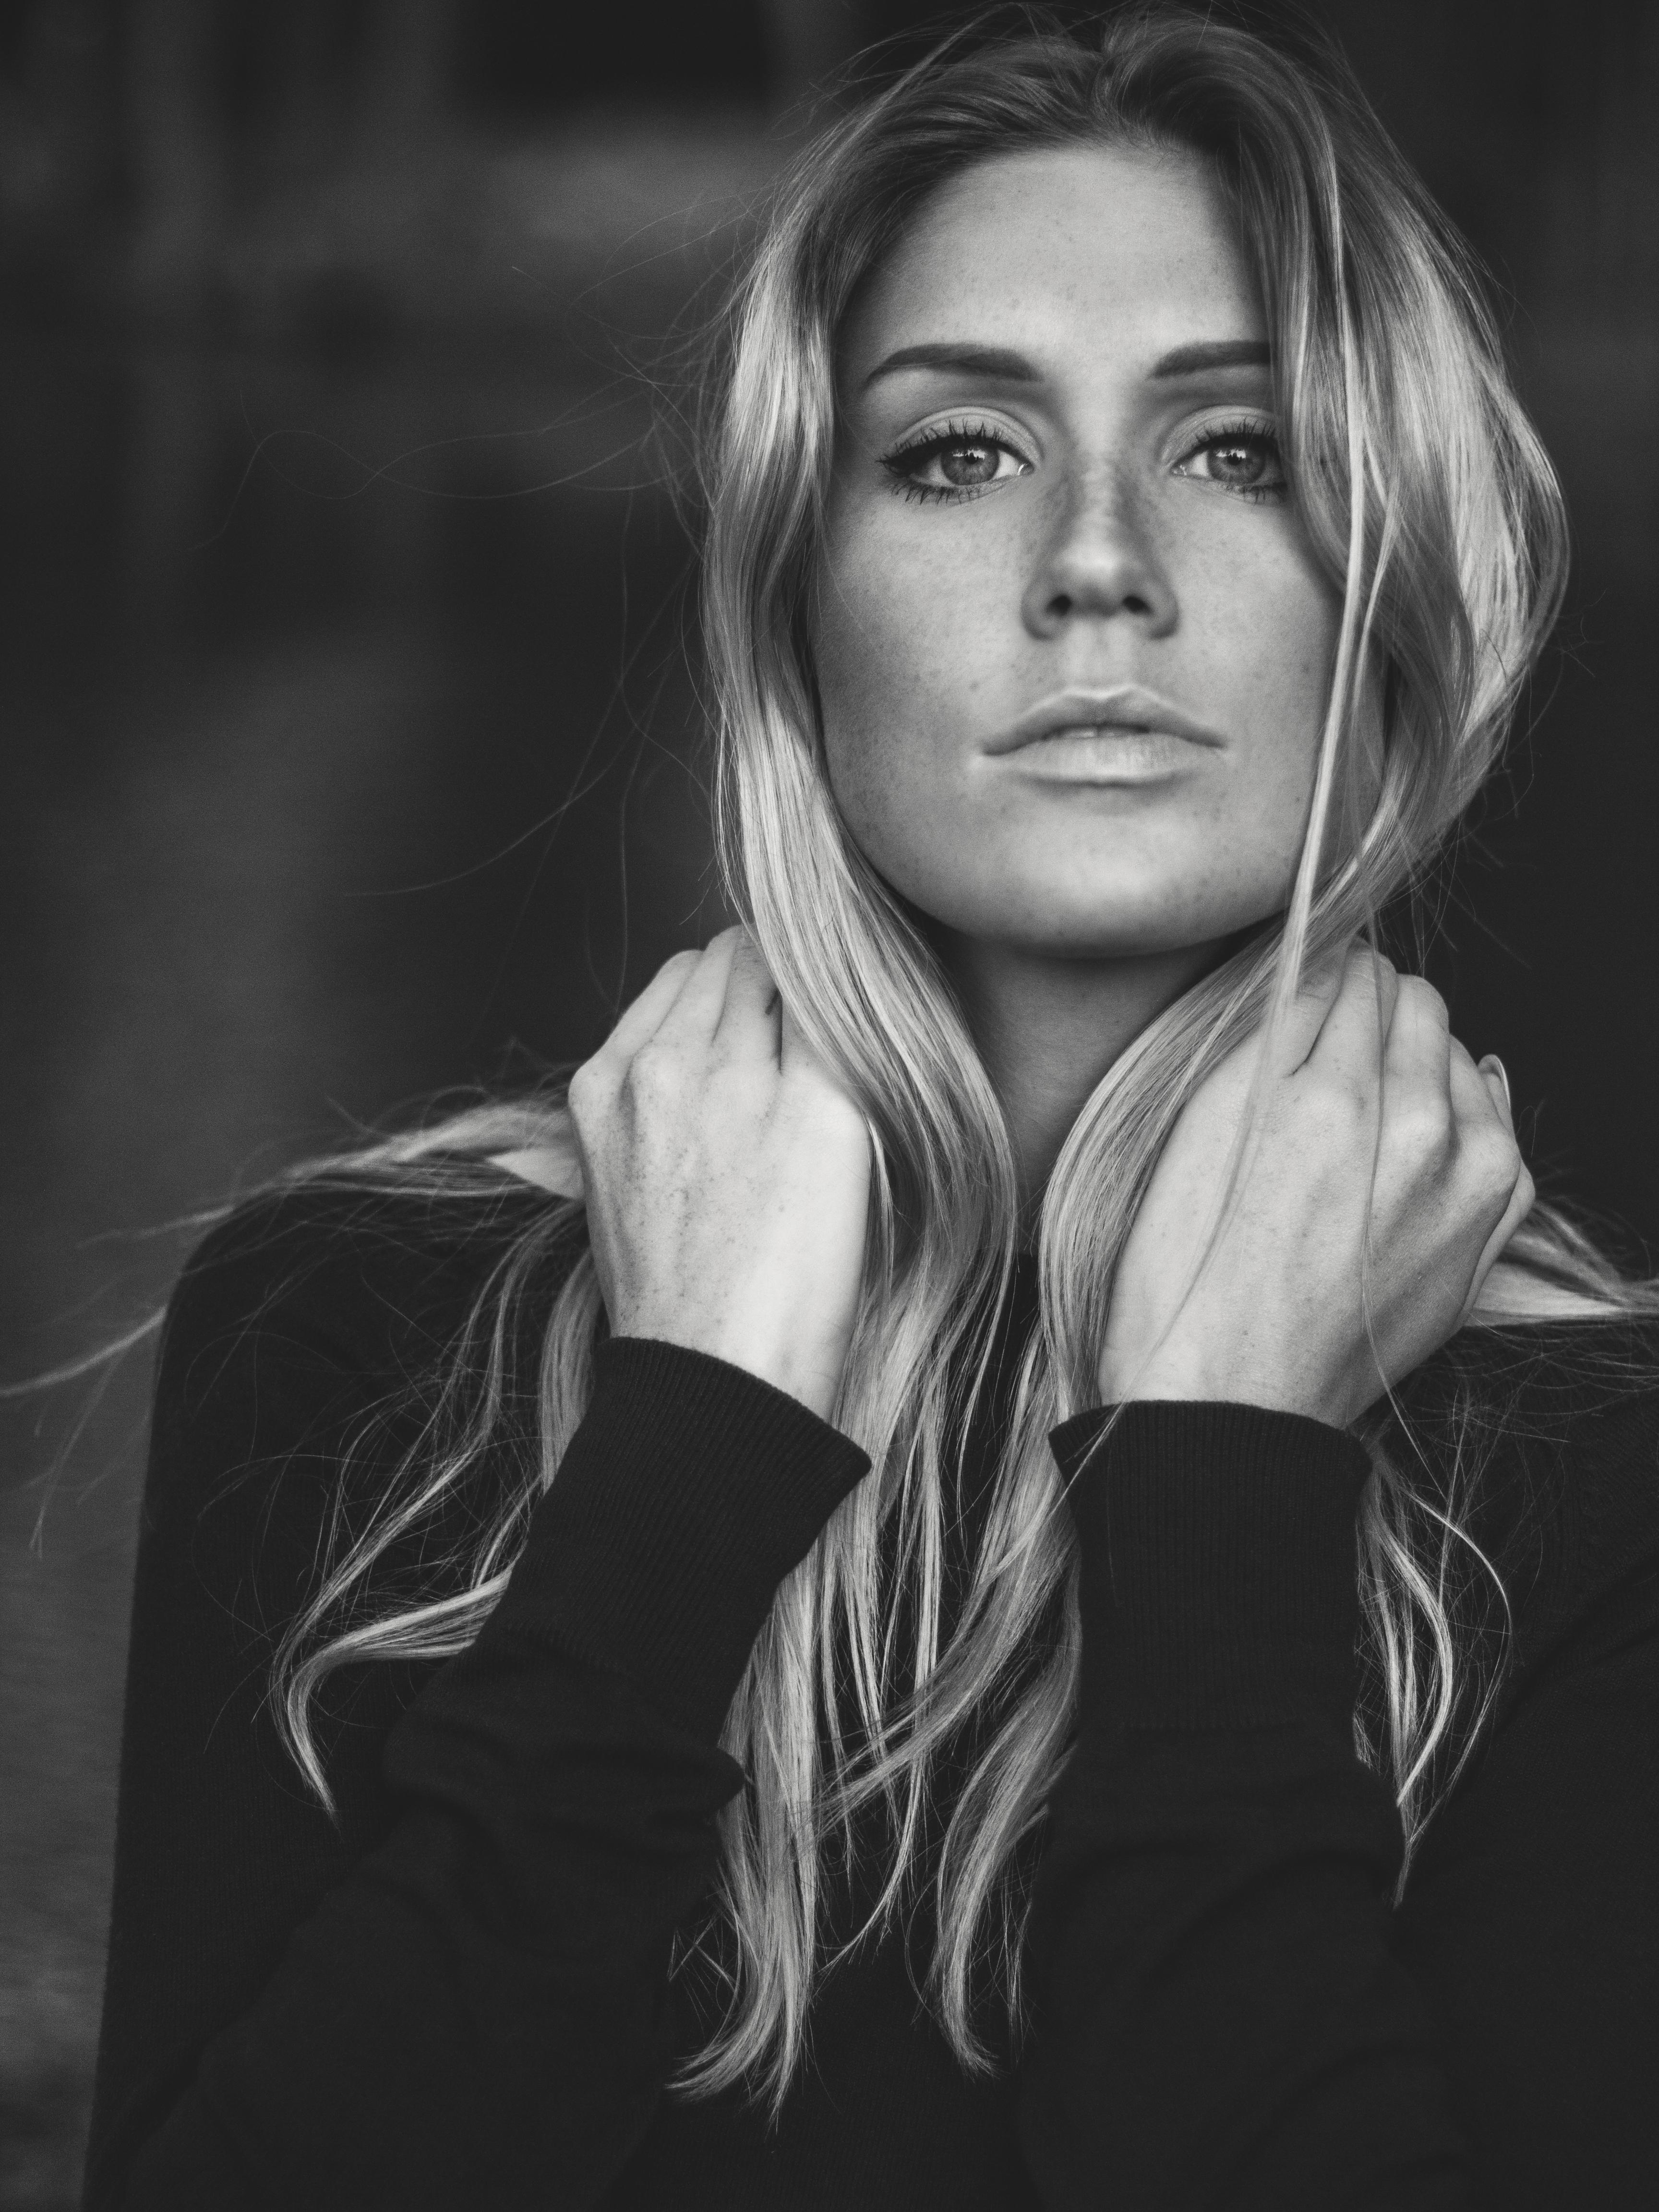 Leah Cruzen